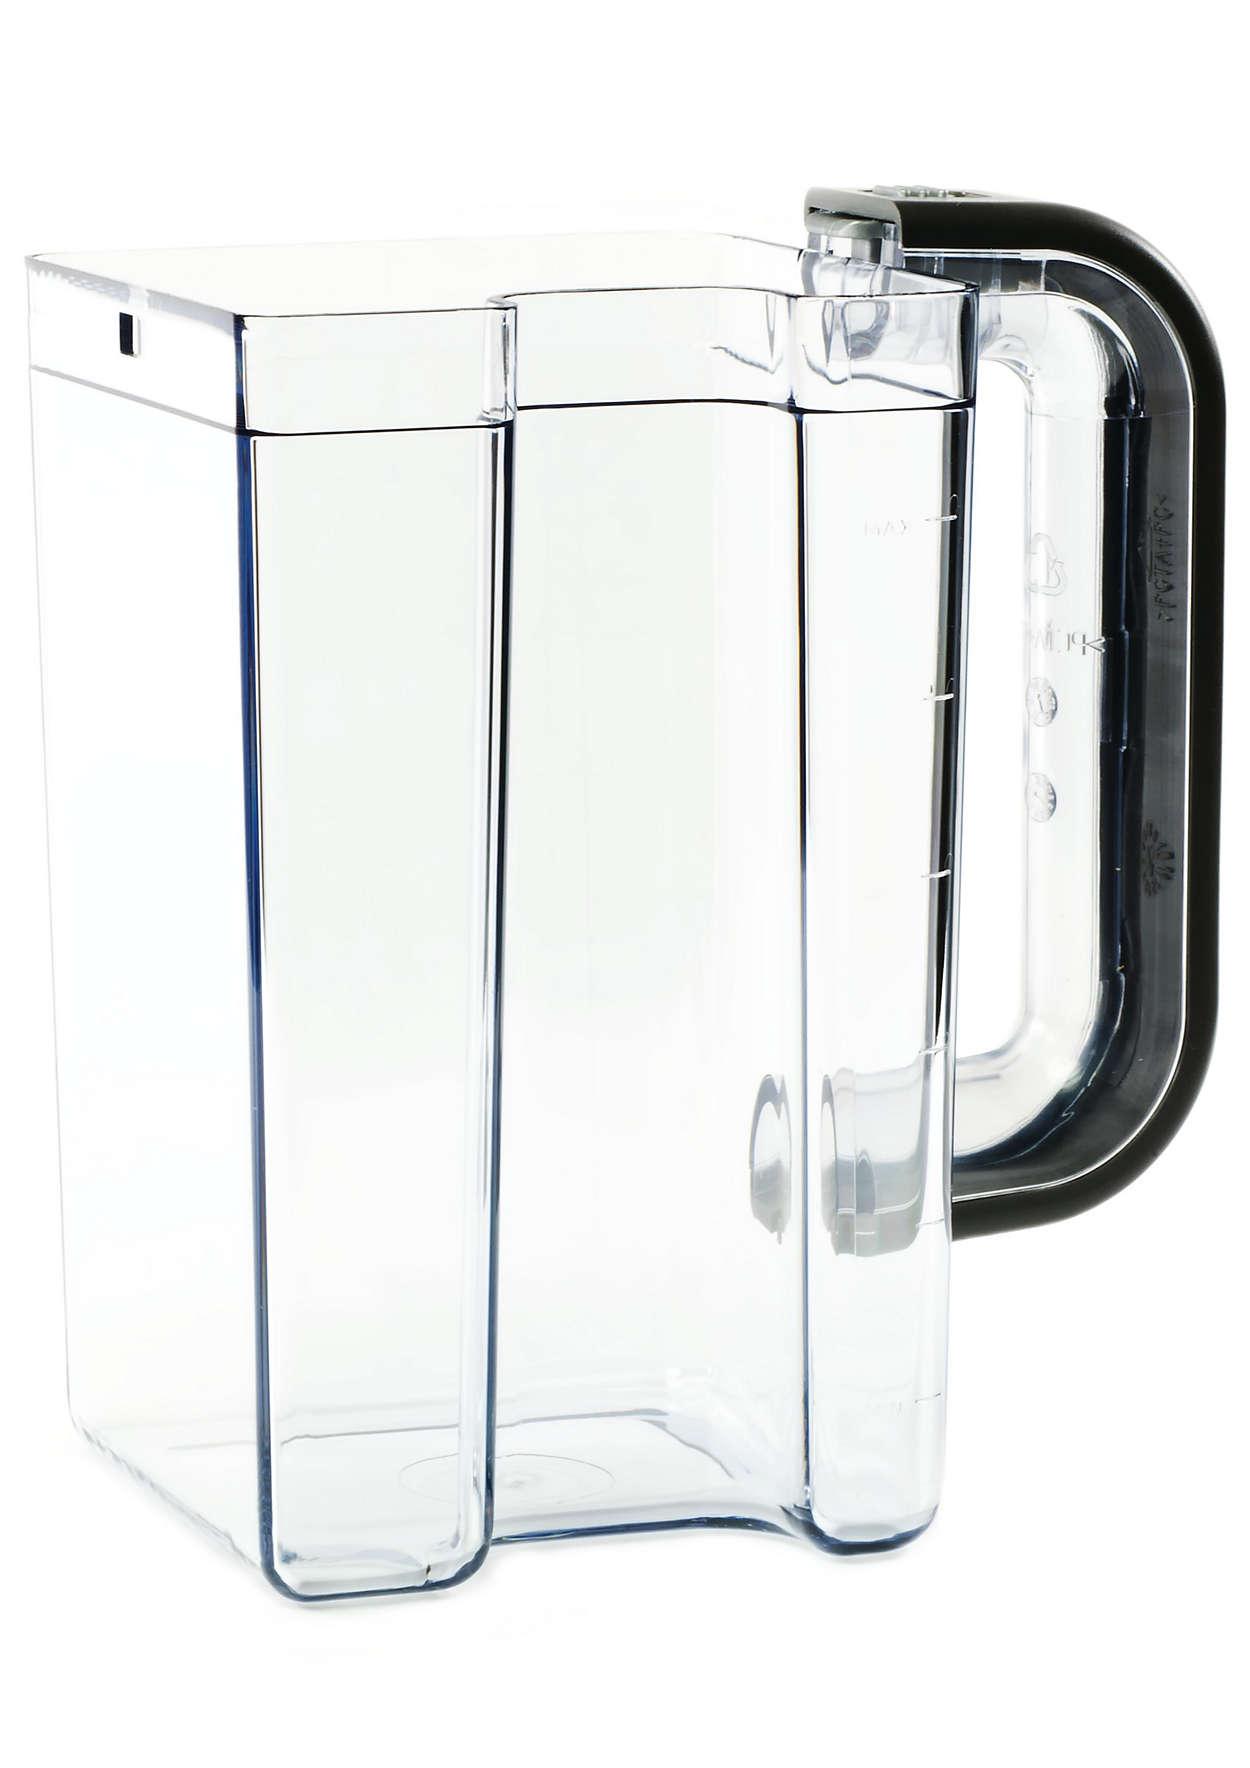 Per sostituire il filtro permanente in uso